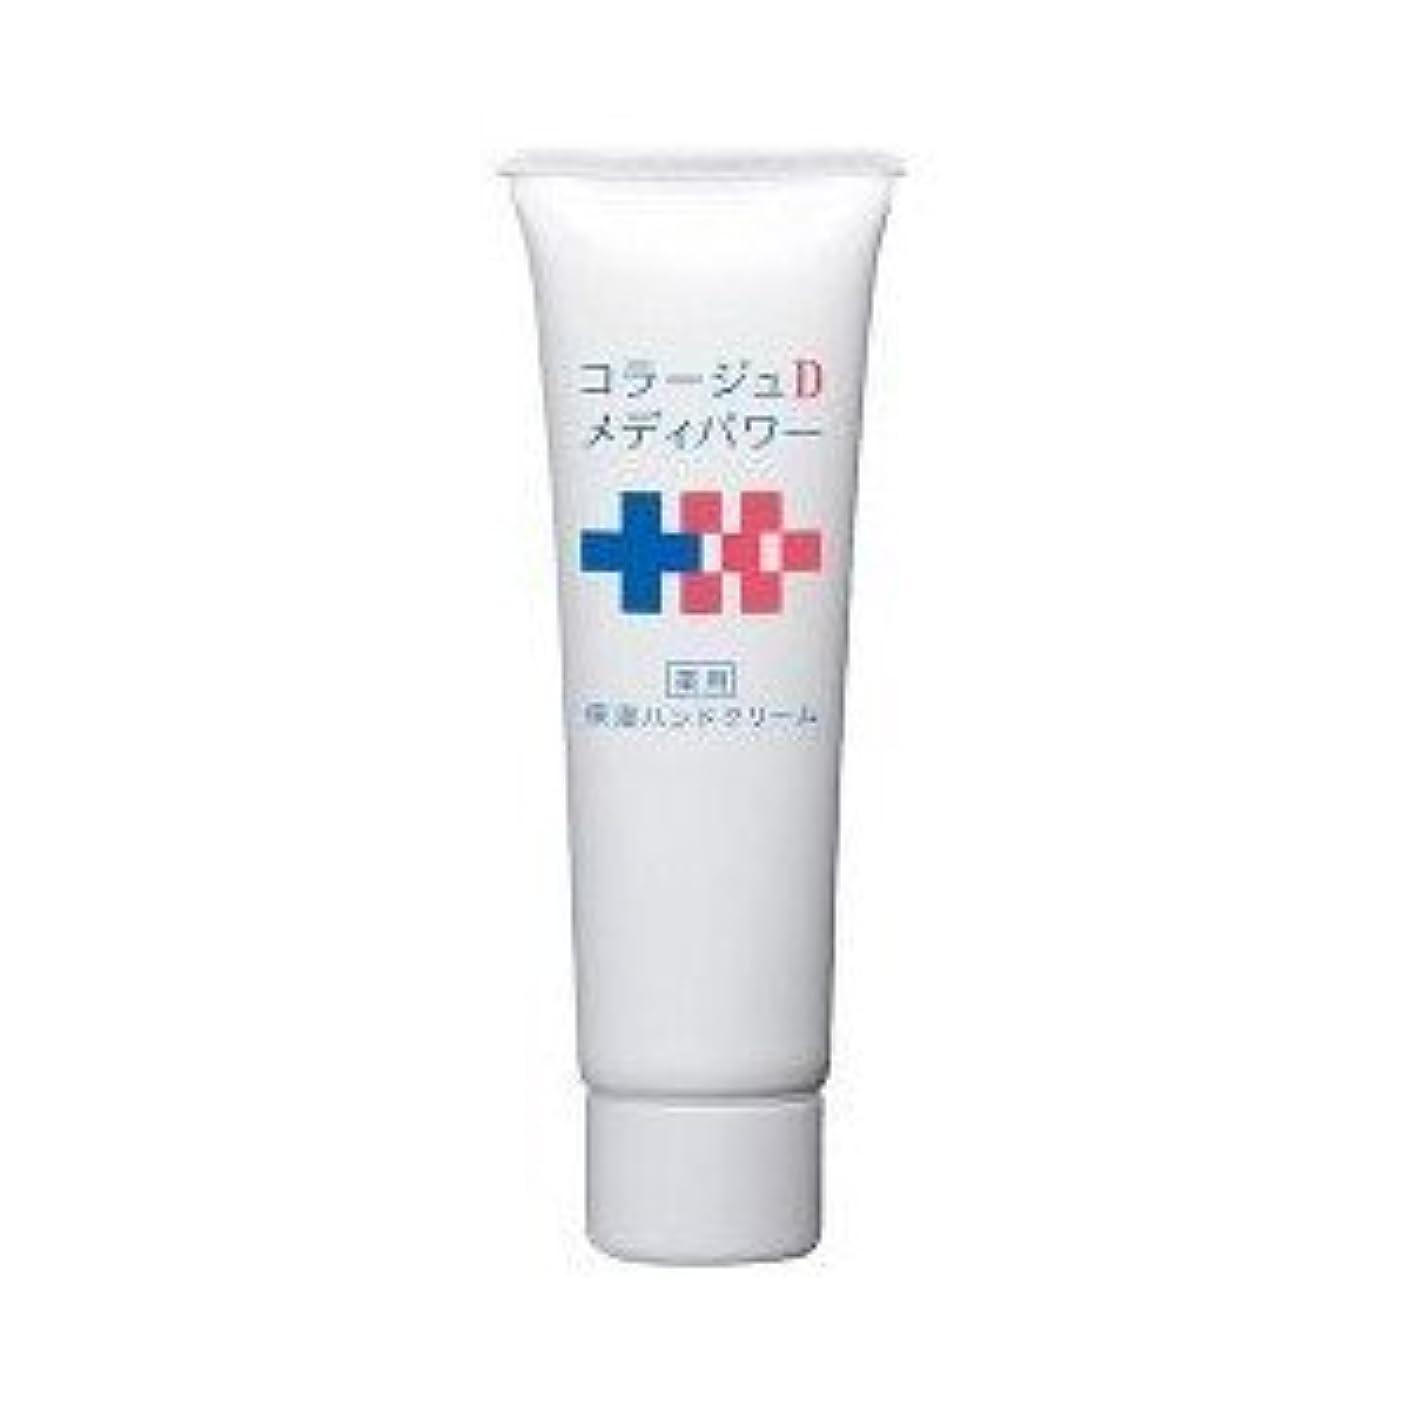 (持田ヘルスケア)コラージュ Dメディパワー薬用保湿ハンドクリーム 30g(医薬部外品)(お買い得3個セット)